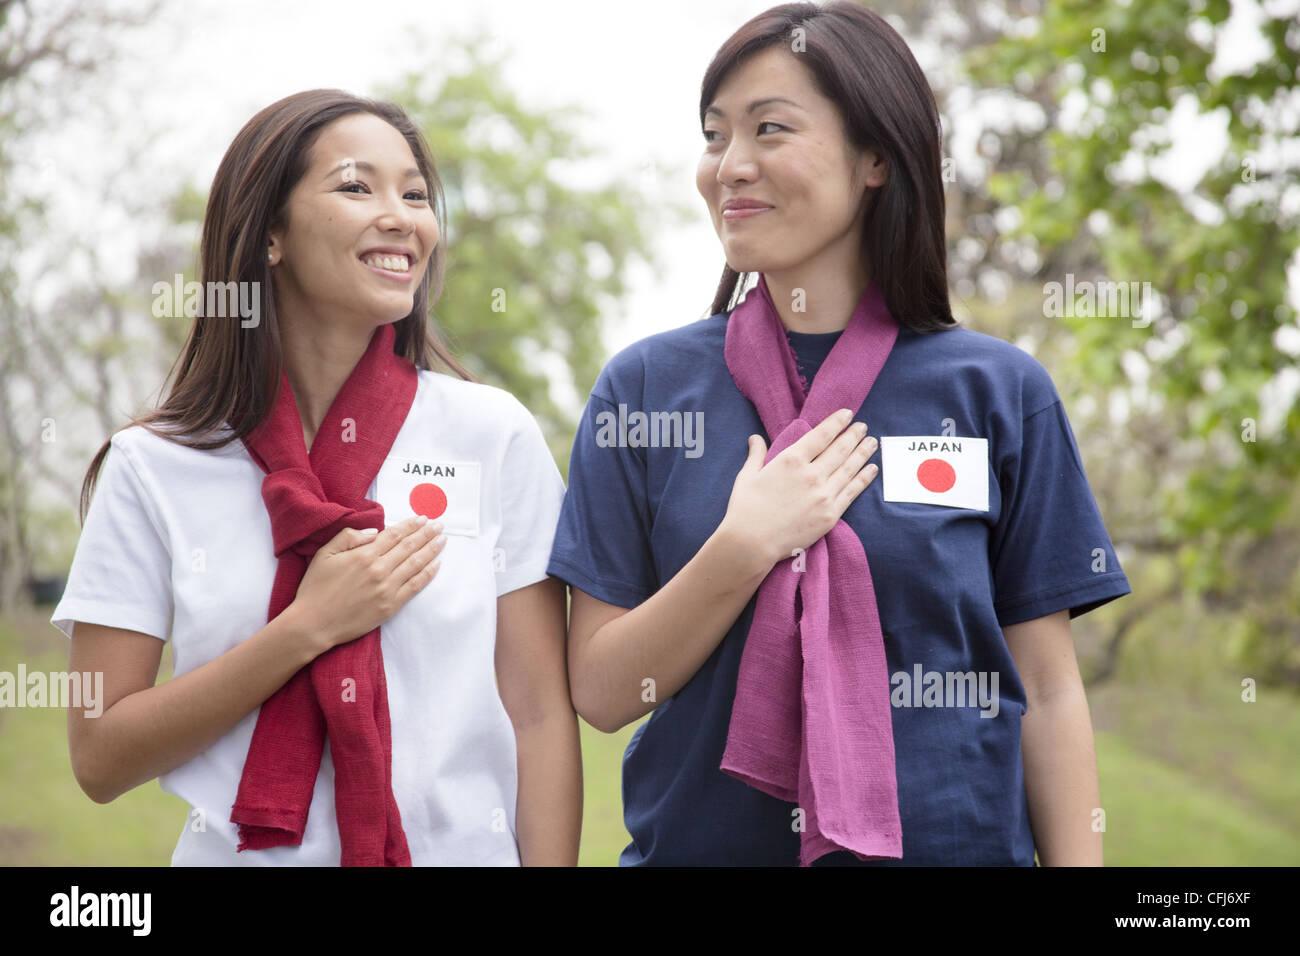 Japanische frauen suchen mann